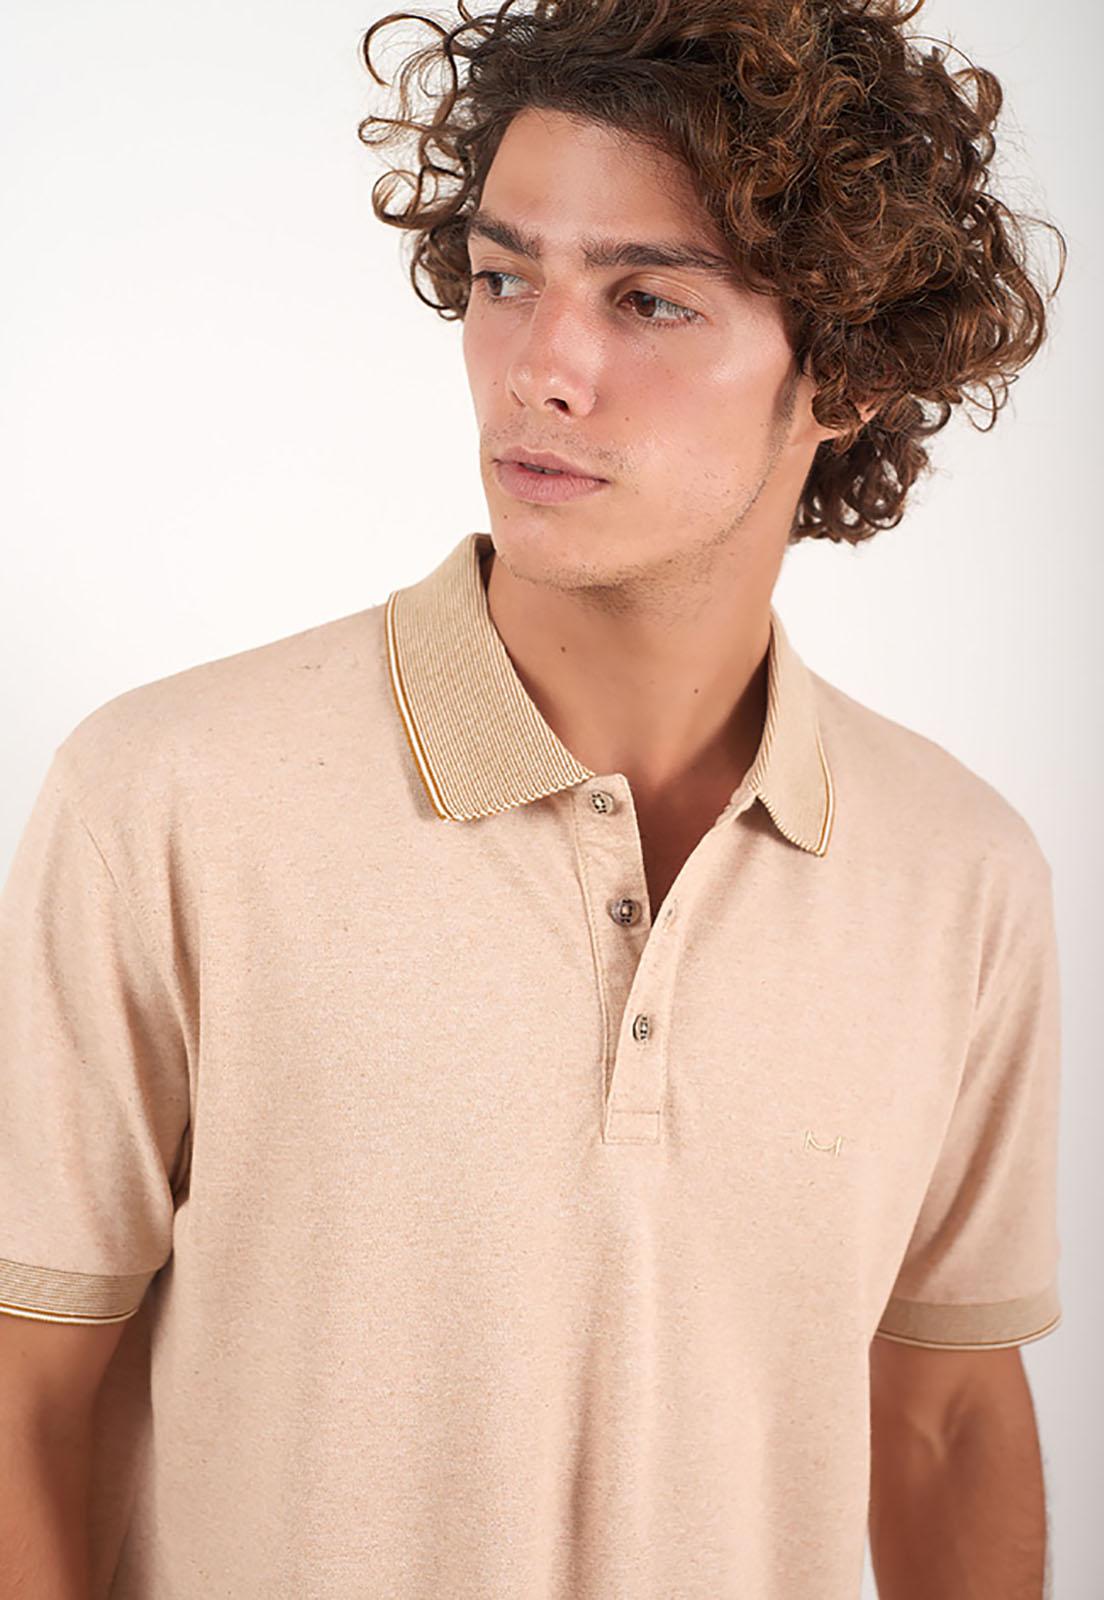 Polo Roma melty  - melty surf & Co.